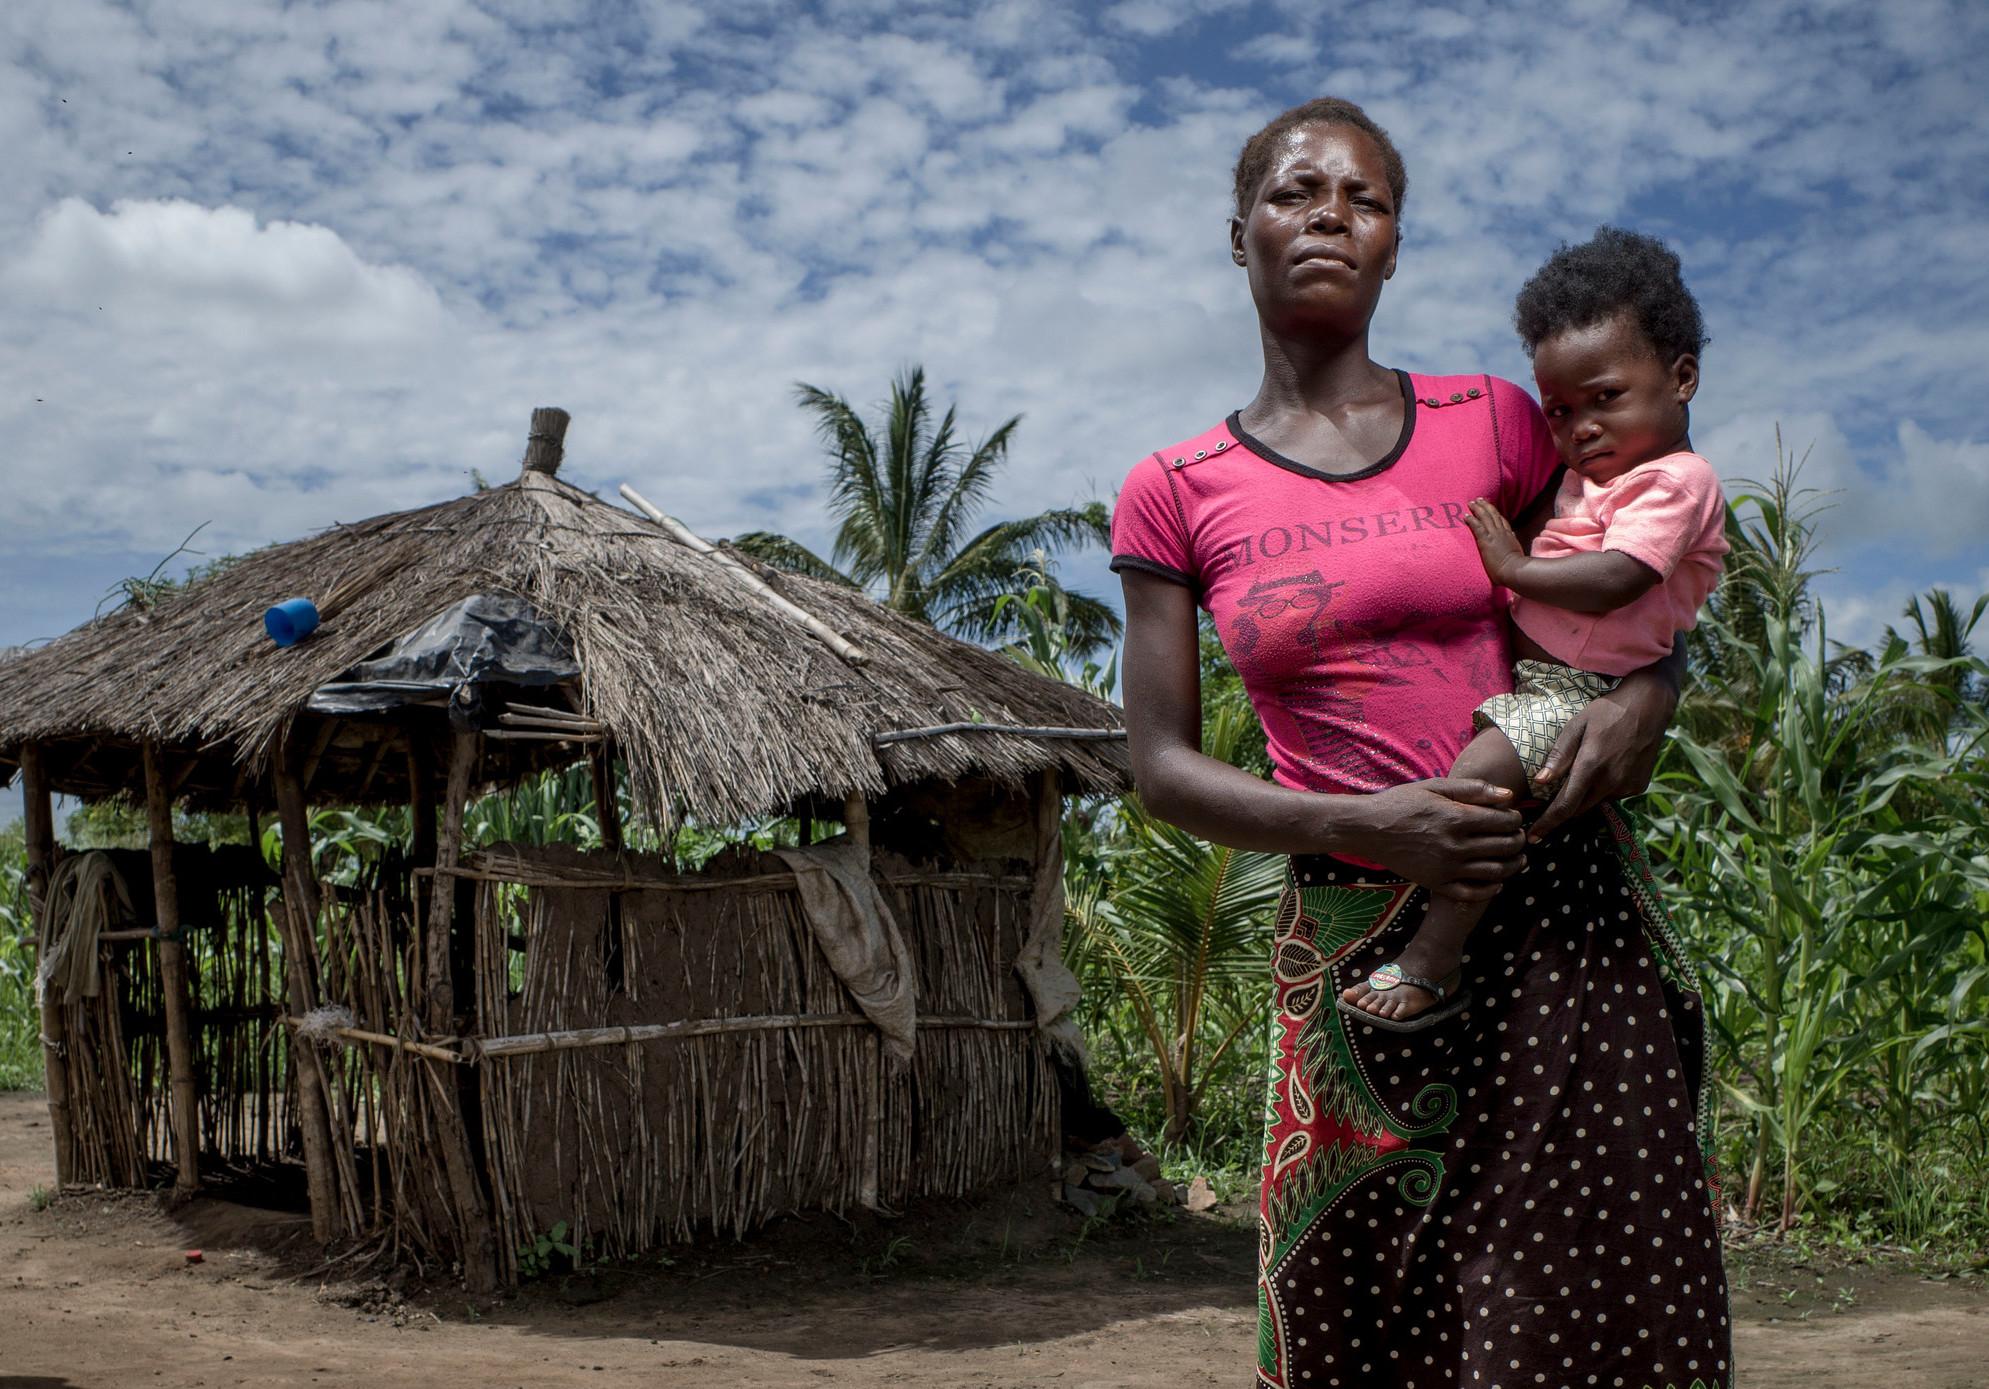 Une femme tient sa fille devant une cabane en bois.